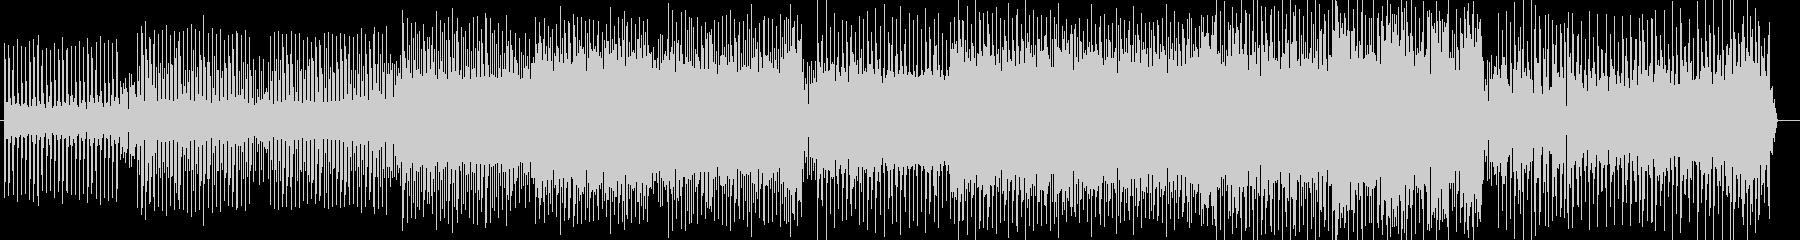 キャッチーなテクノサウンドの未再生の波形